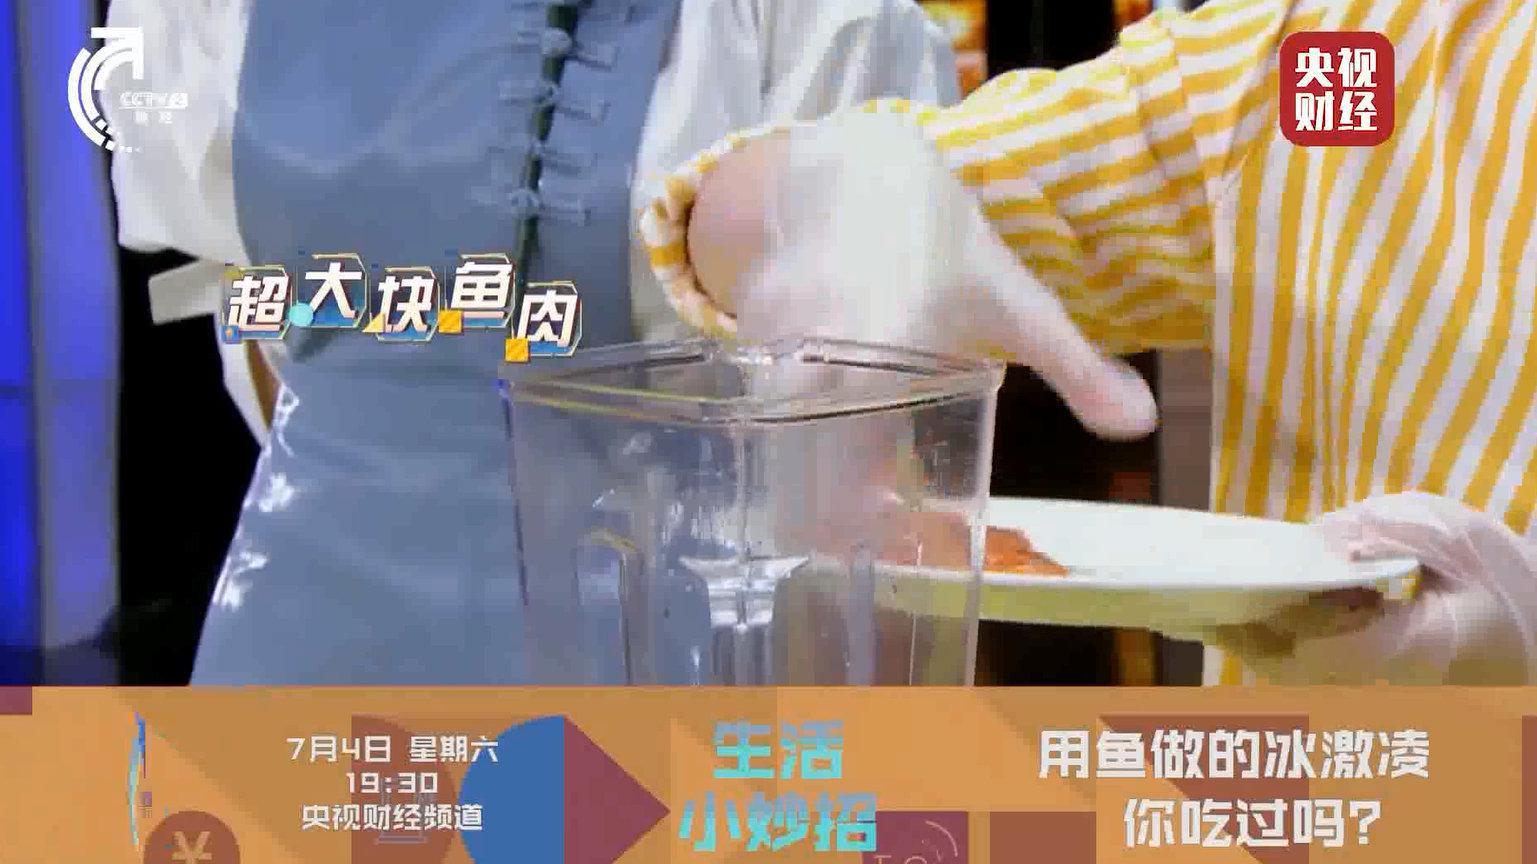 美食新创意!用鱼做冰激凌?你肯定没见过